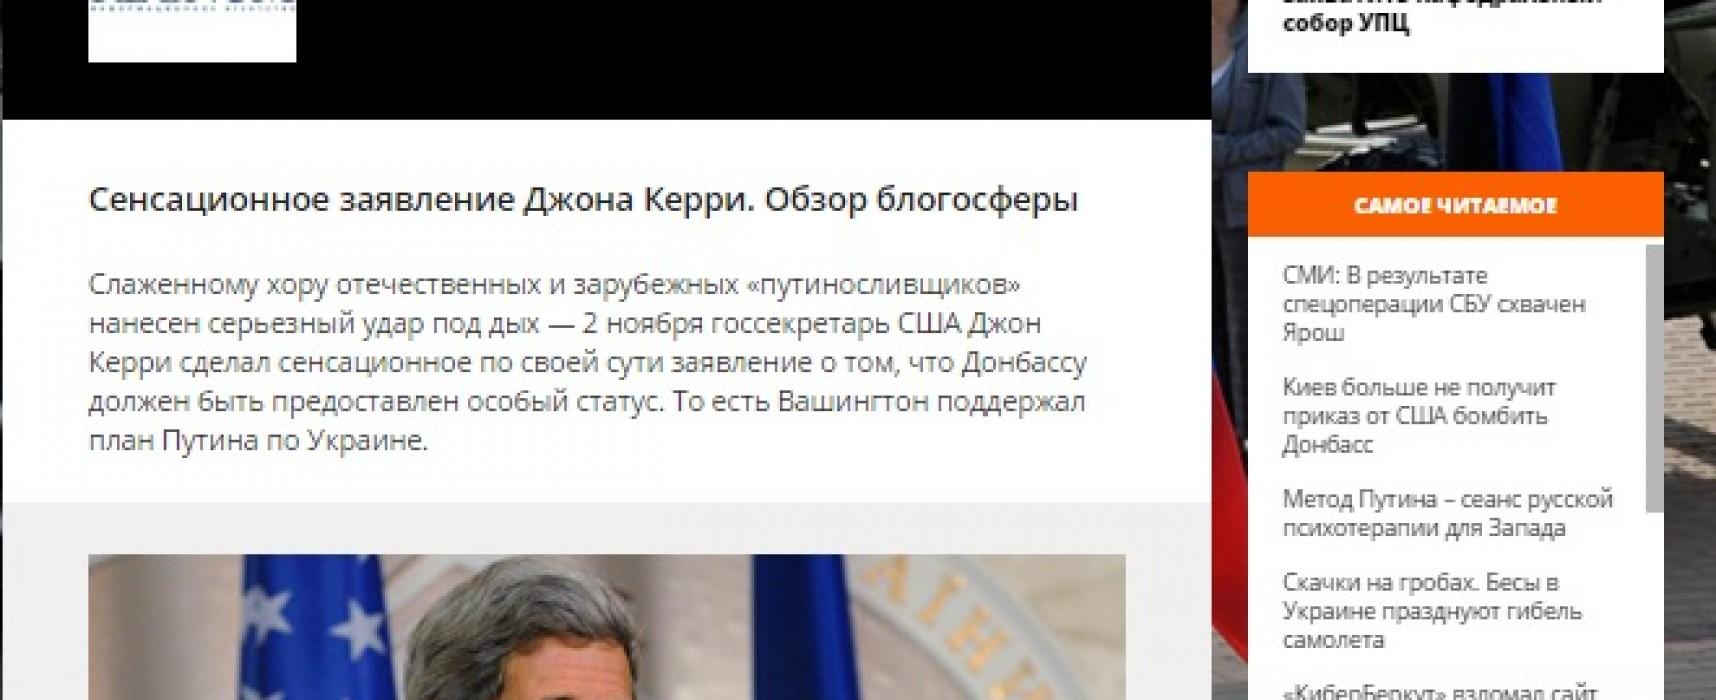 Certains médias ont faussé une déclaration de John Kerry à propos du Donbass